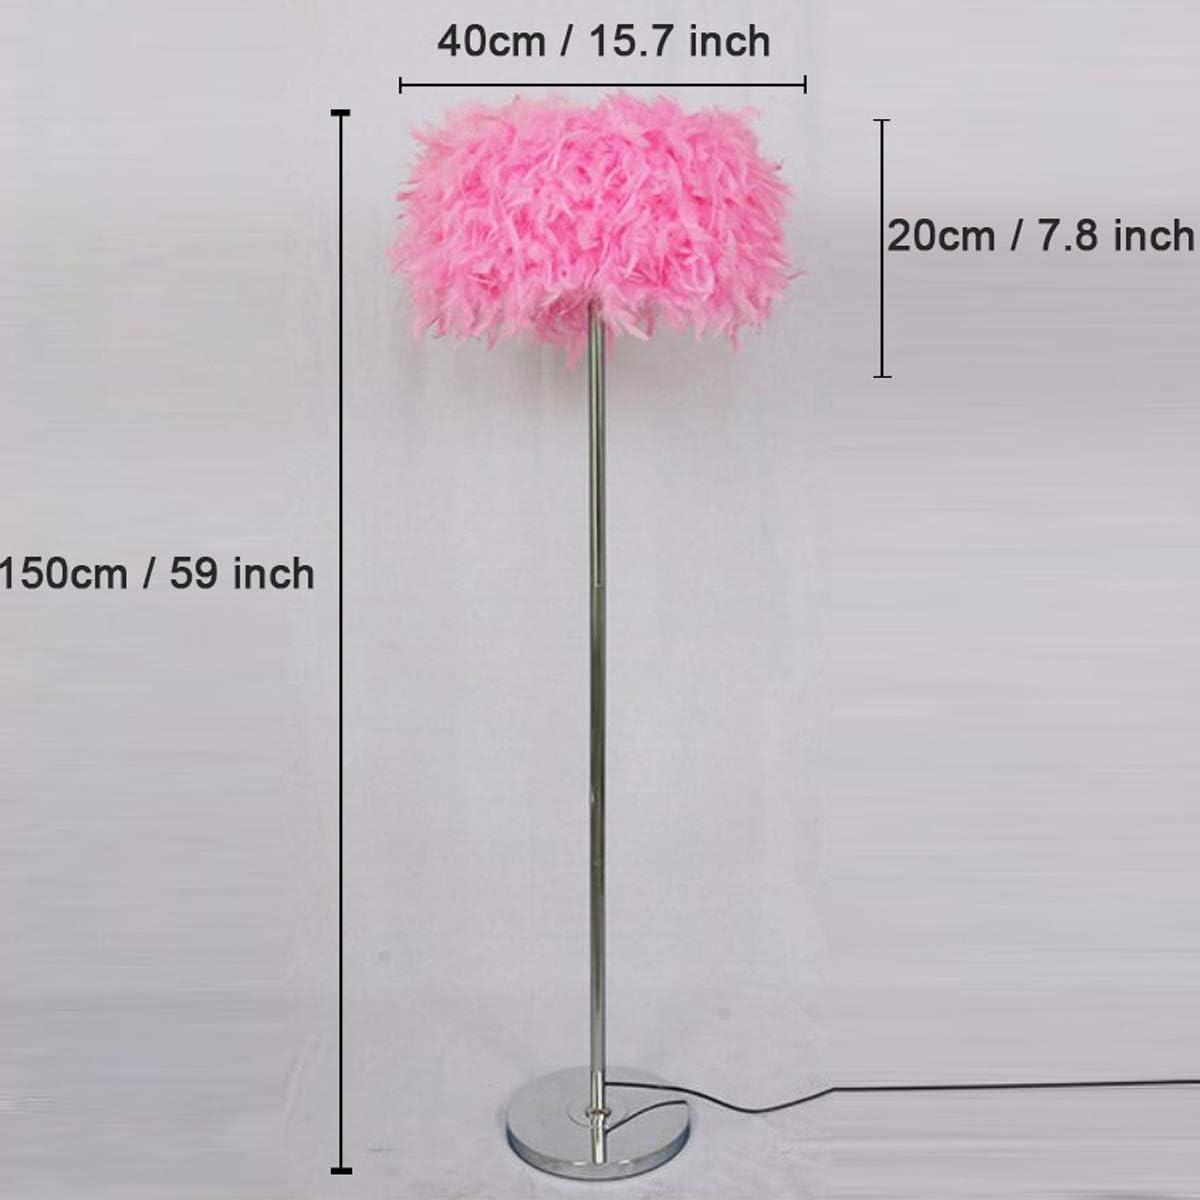 GDLight Plume Lampadaire Plume Romantique Moderne Debout Lampadaire Lampadaire Livre de Chevet pour Salon Chambre E27 (Blanc, Rose, Violet),Blanc Pink